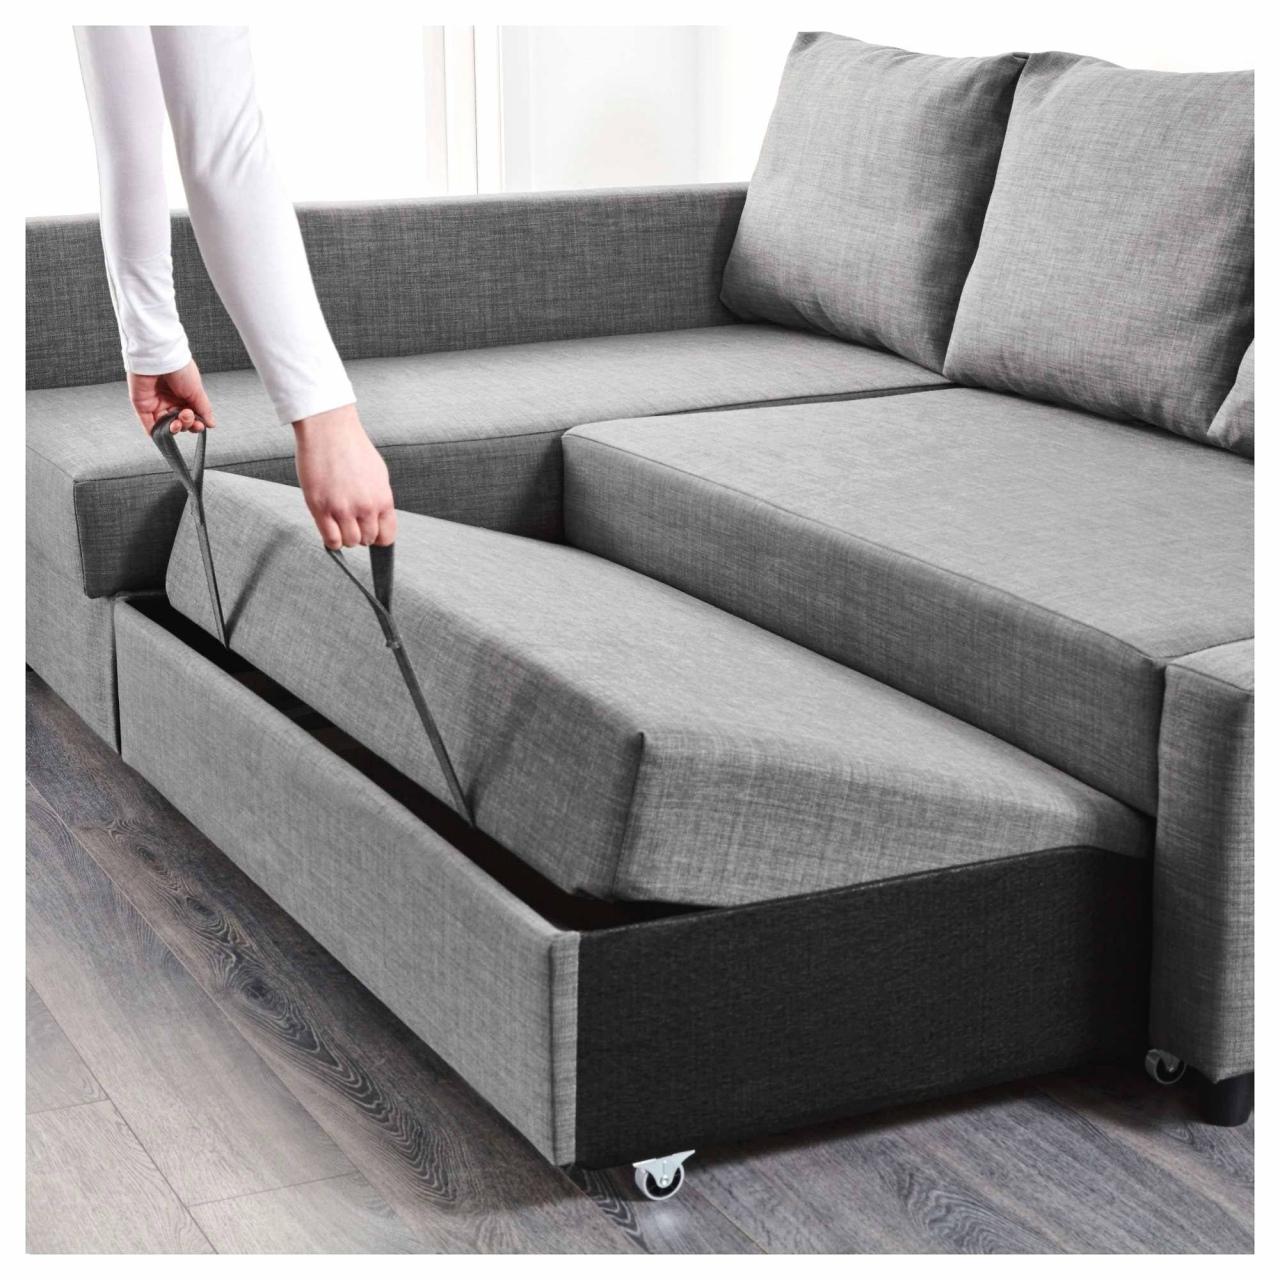 Full Size of Gartensofa Tchibo Ikea Garten Sofa 2020 04 16 Wohnzimmer Gartensofa Tchibo